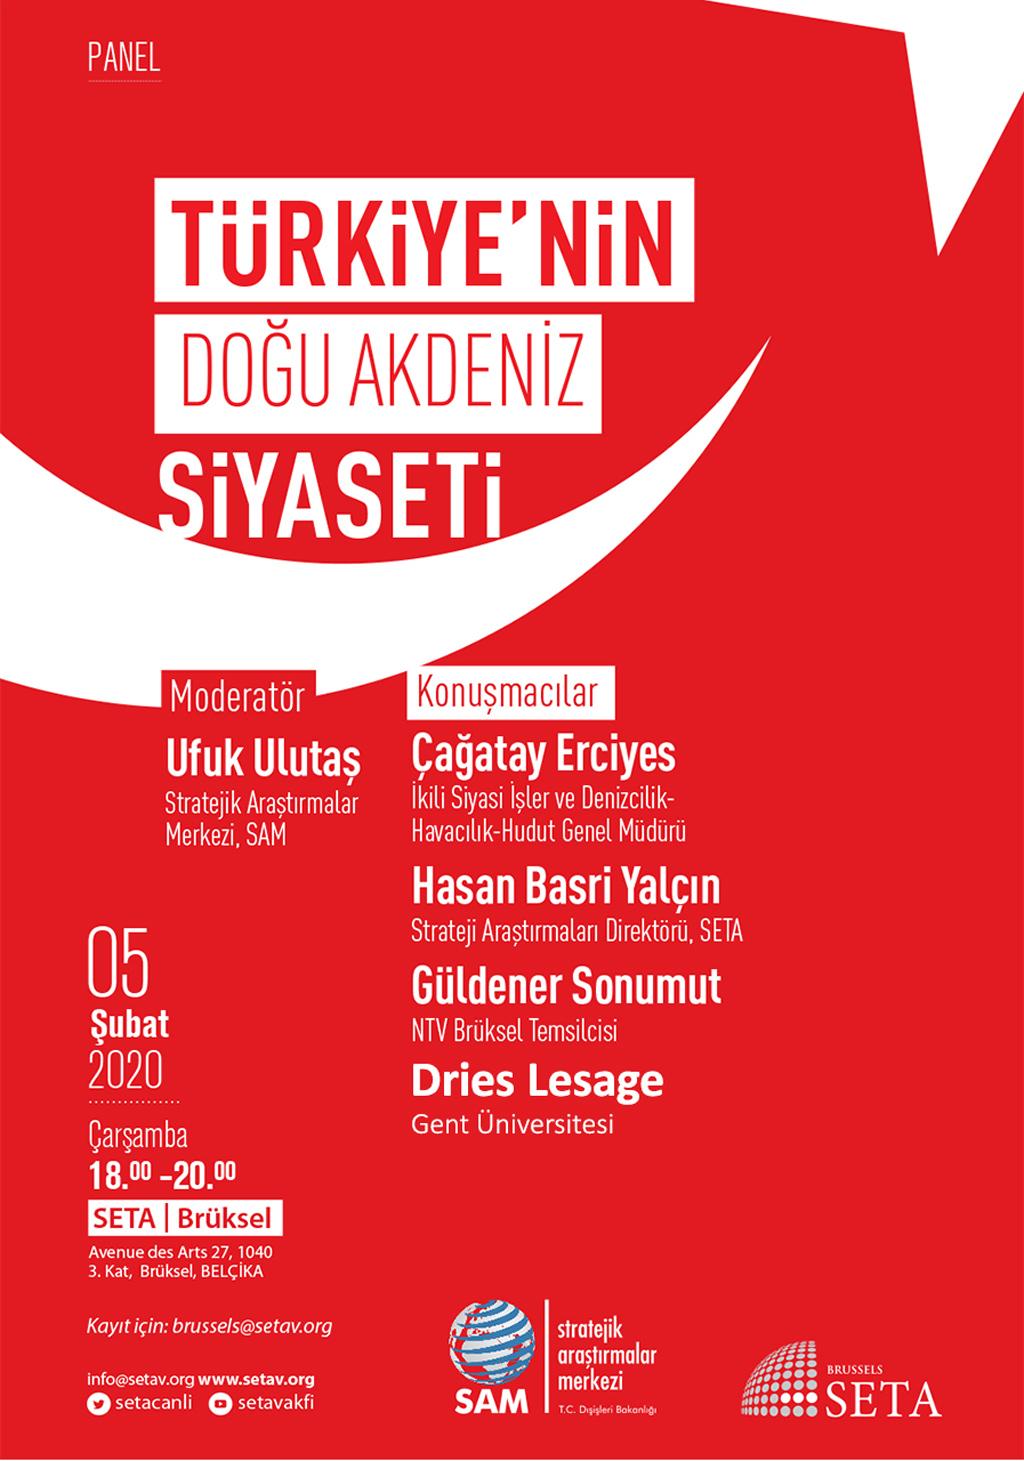 Panel: Türkiye'nin Doğu Akdeniz Siyaseti